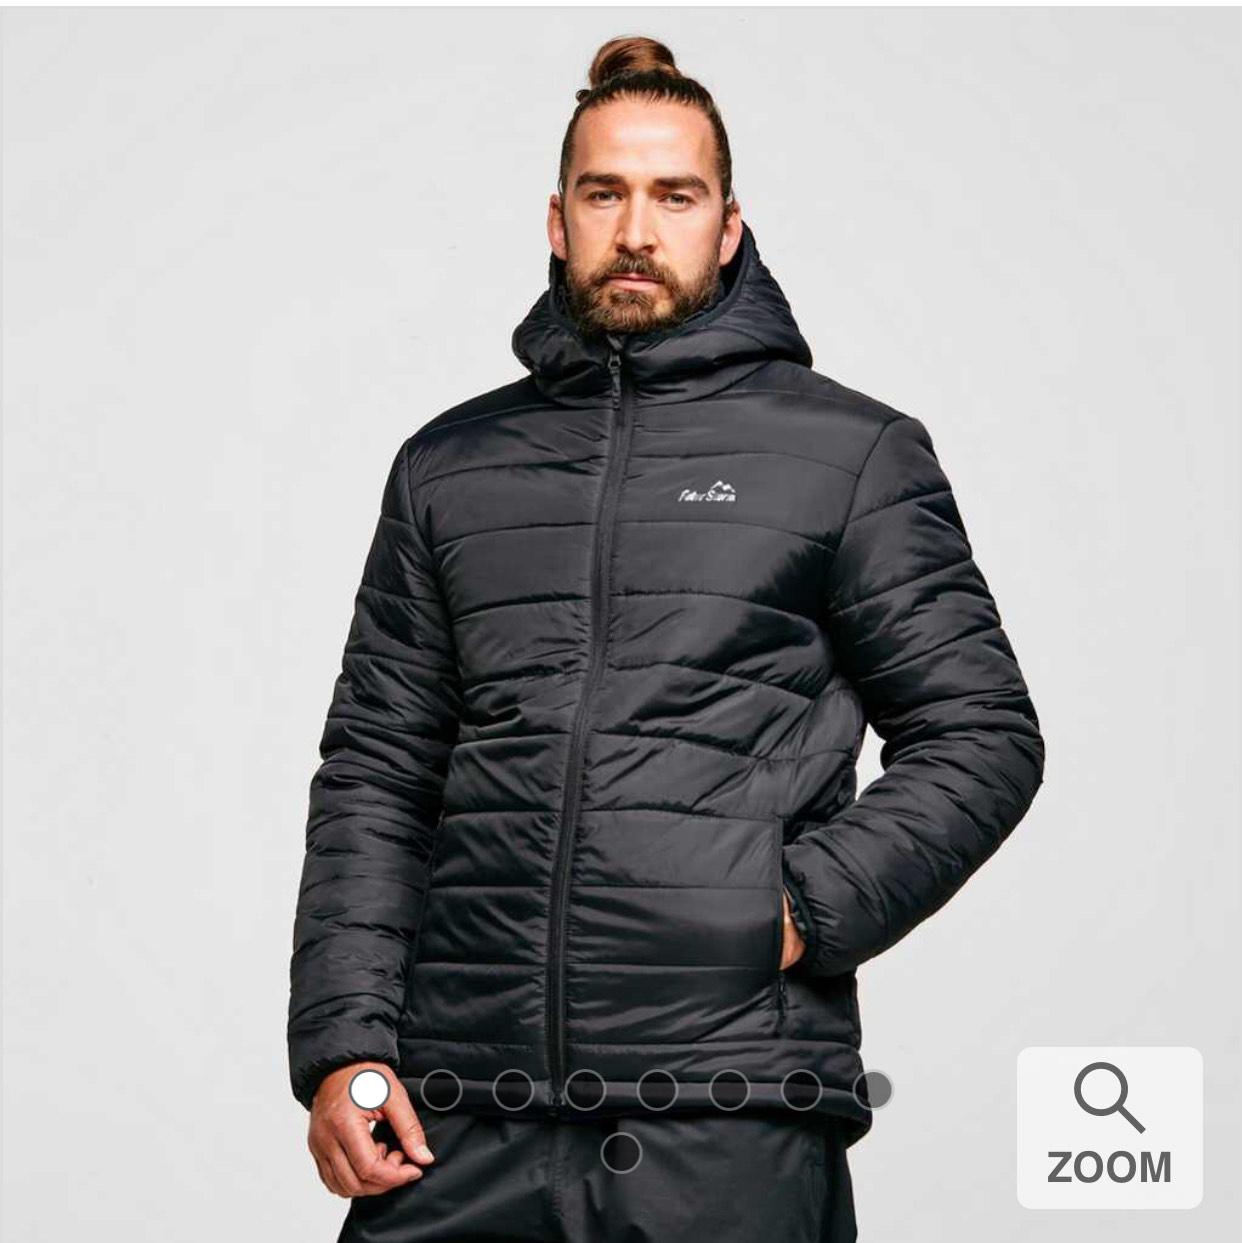 Peter Storm Men's Blisco Jacket 3 different colours £22 + £3.95 delivery = £25.95 delivered @ Millets